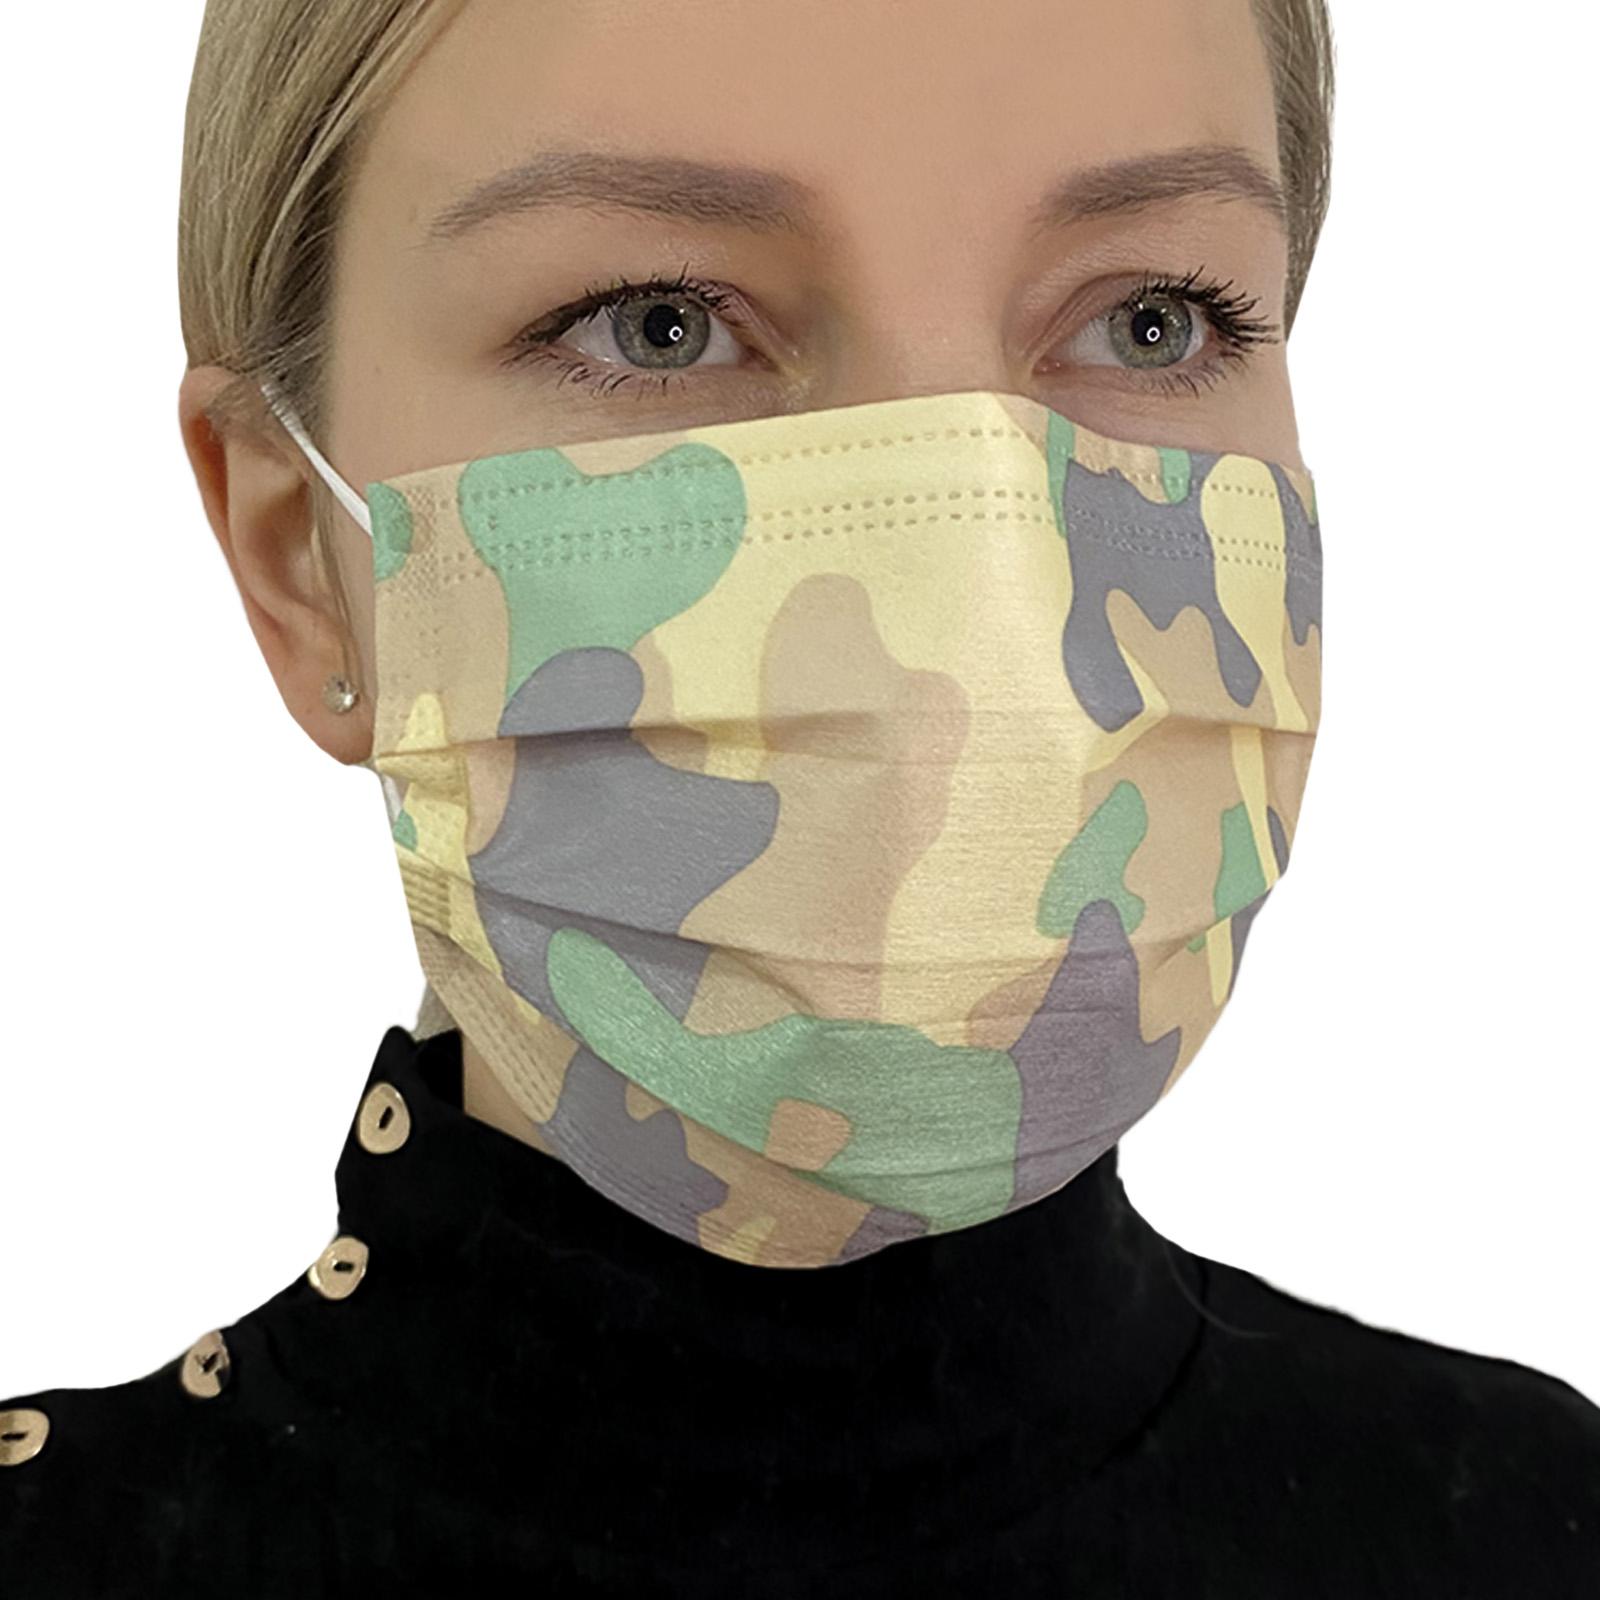 Продажа медицинских масок оптом дешево по всей России